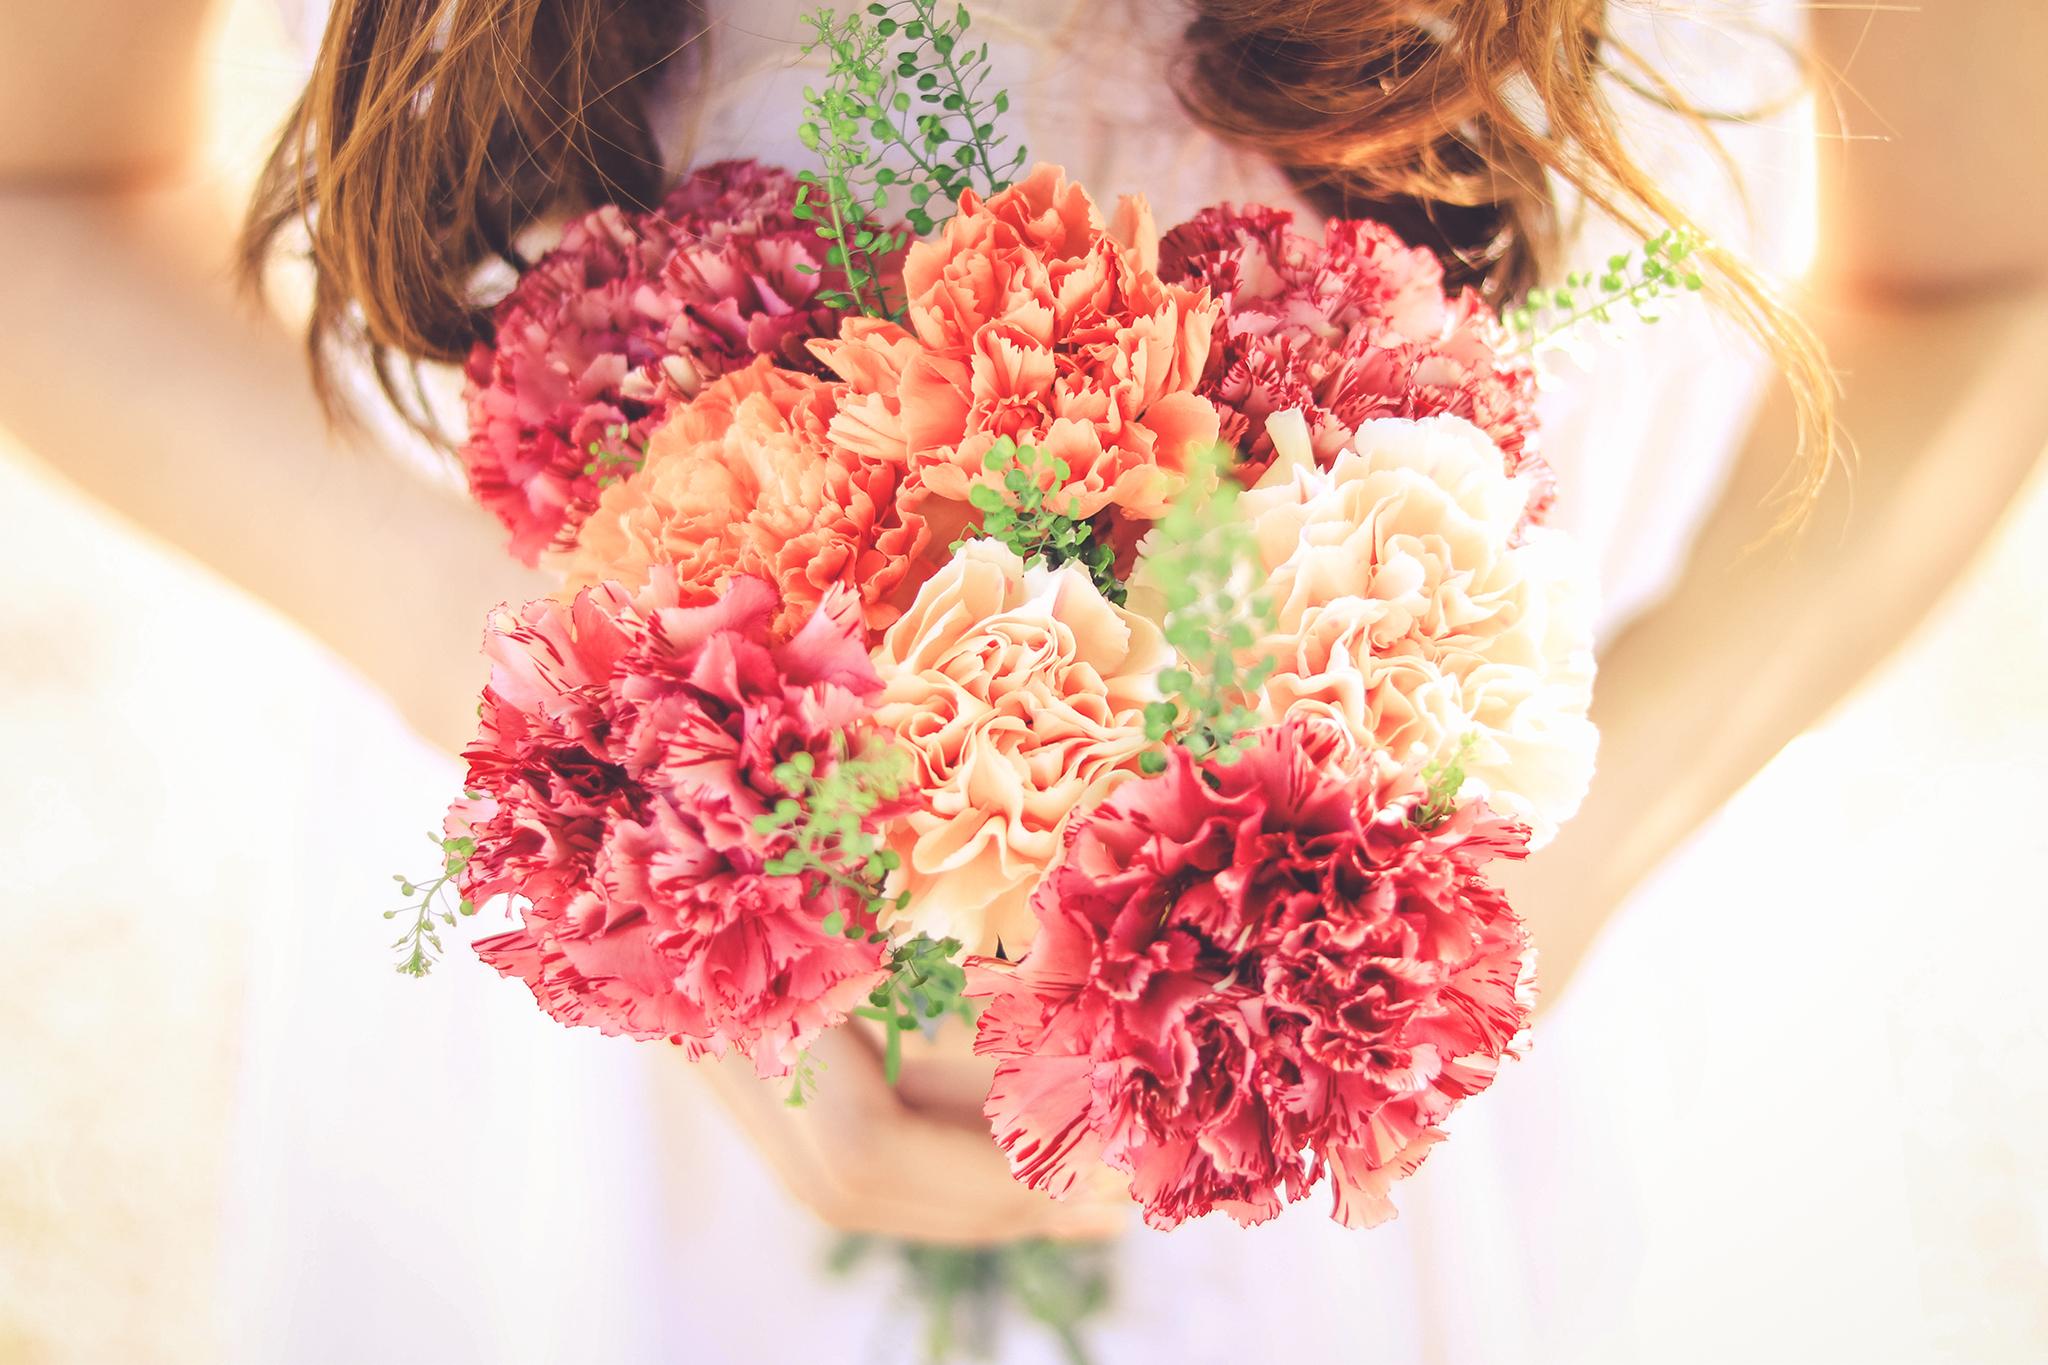 母の日に贈りたいカーネーションの色は?意外な花言葉を持つ色に注意!